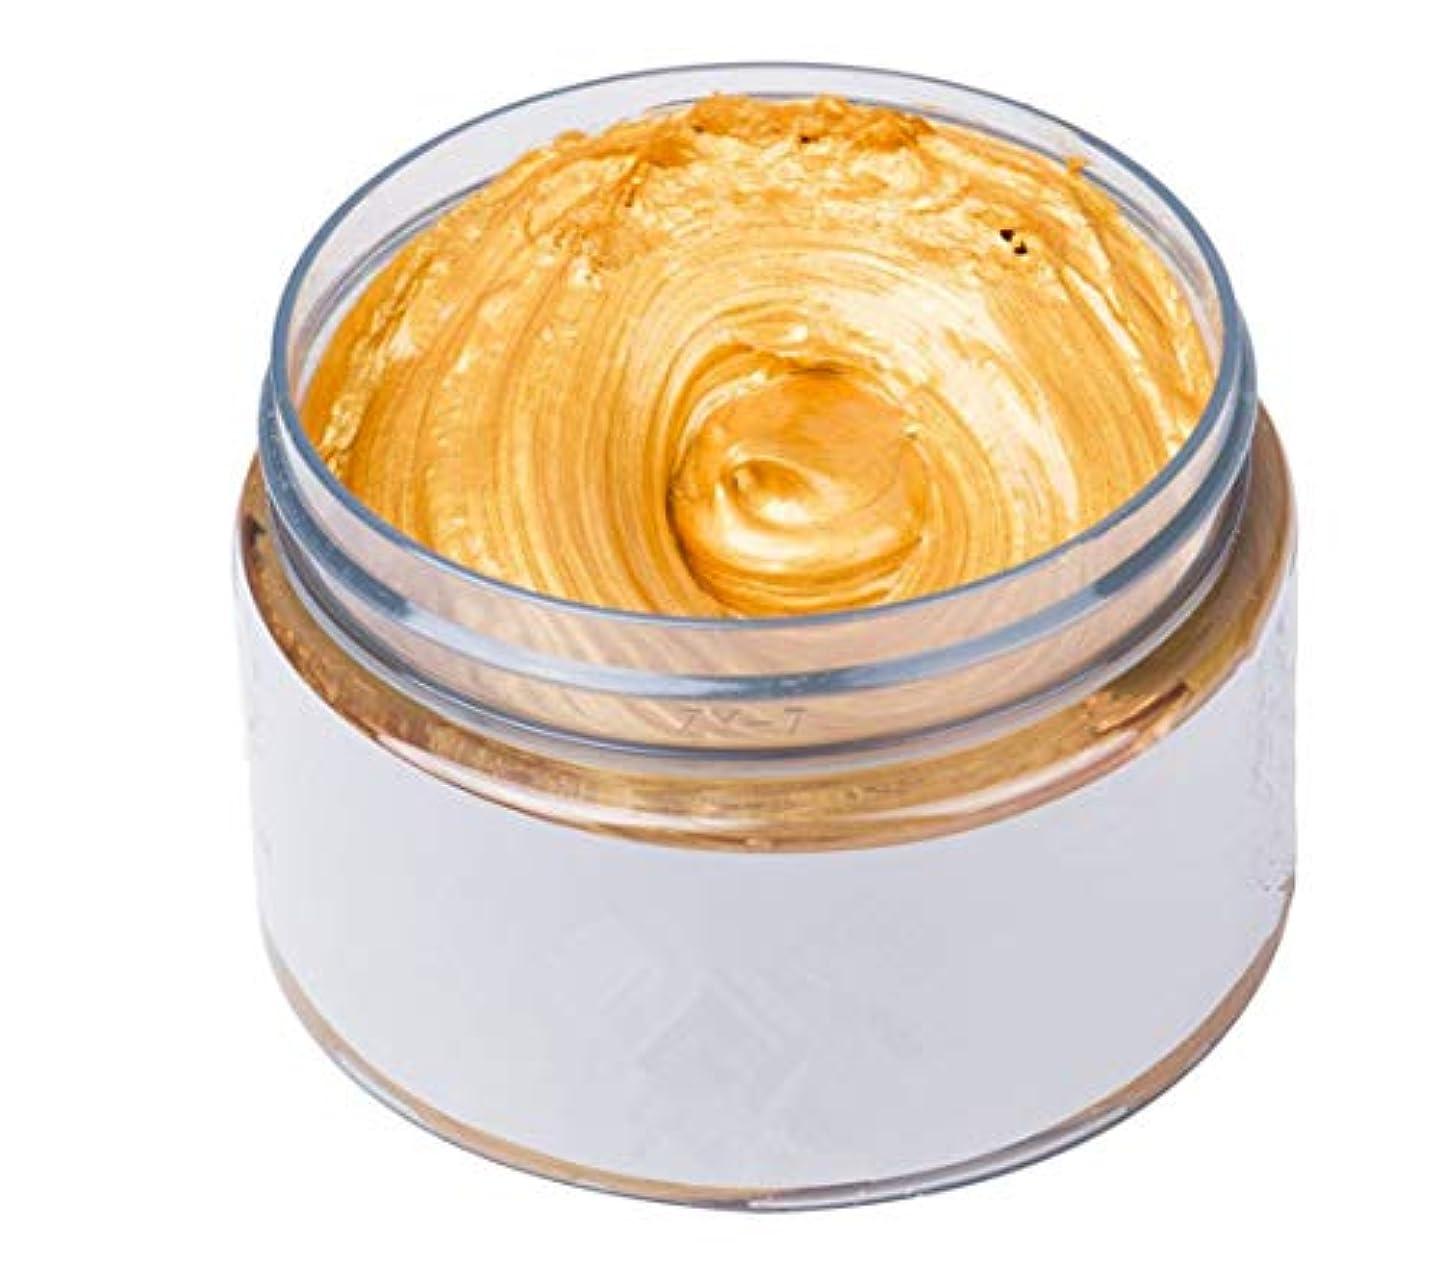 適格ペフ仲良しカルドール ワックス カラーバター ワンタイムヘアカラーの泥 ヘアクリーム 120g カラーリング ヘアトリートメント 全7色 (ゴールド)